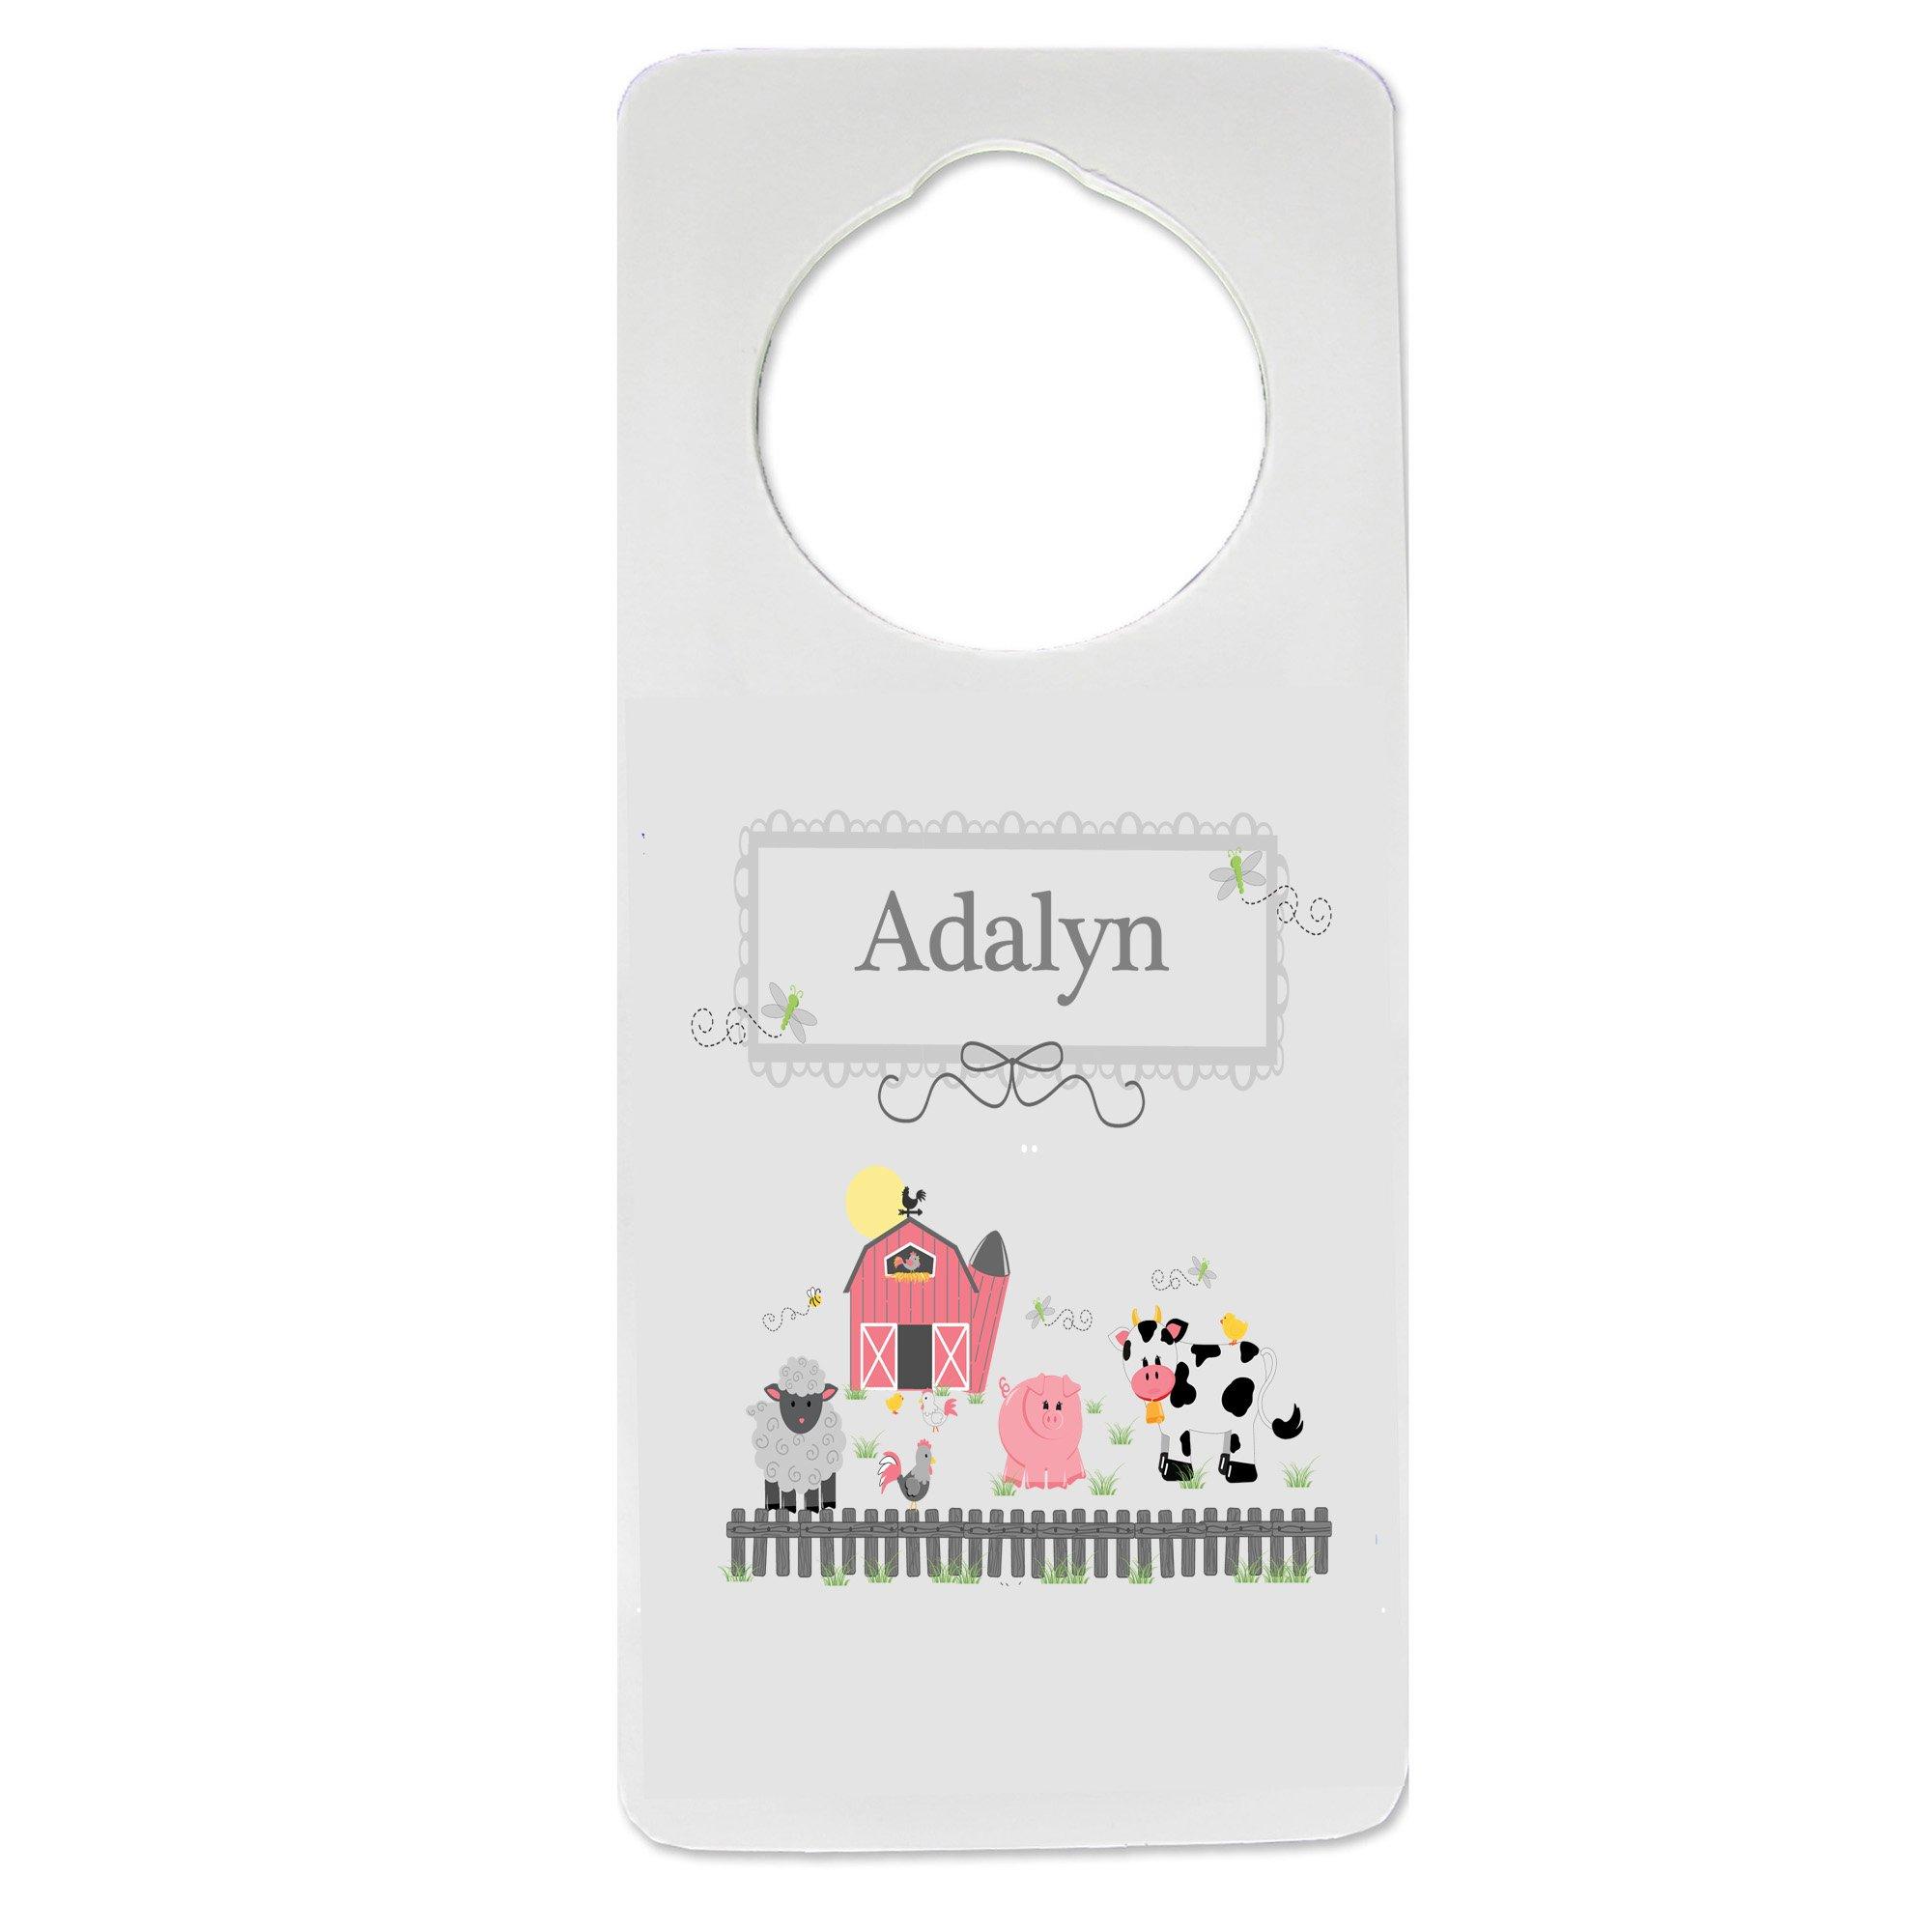 Personalized Nursery Door Hanger with Barnyard Friends design